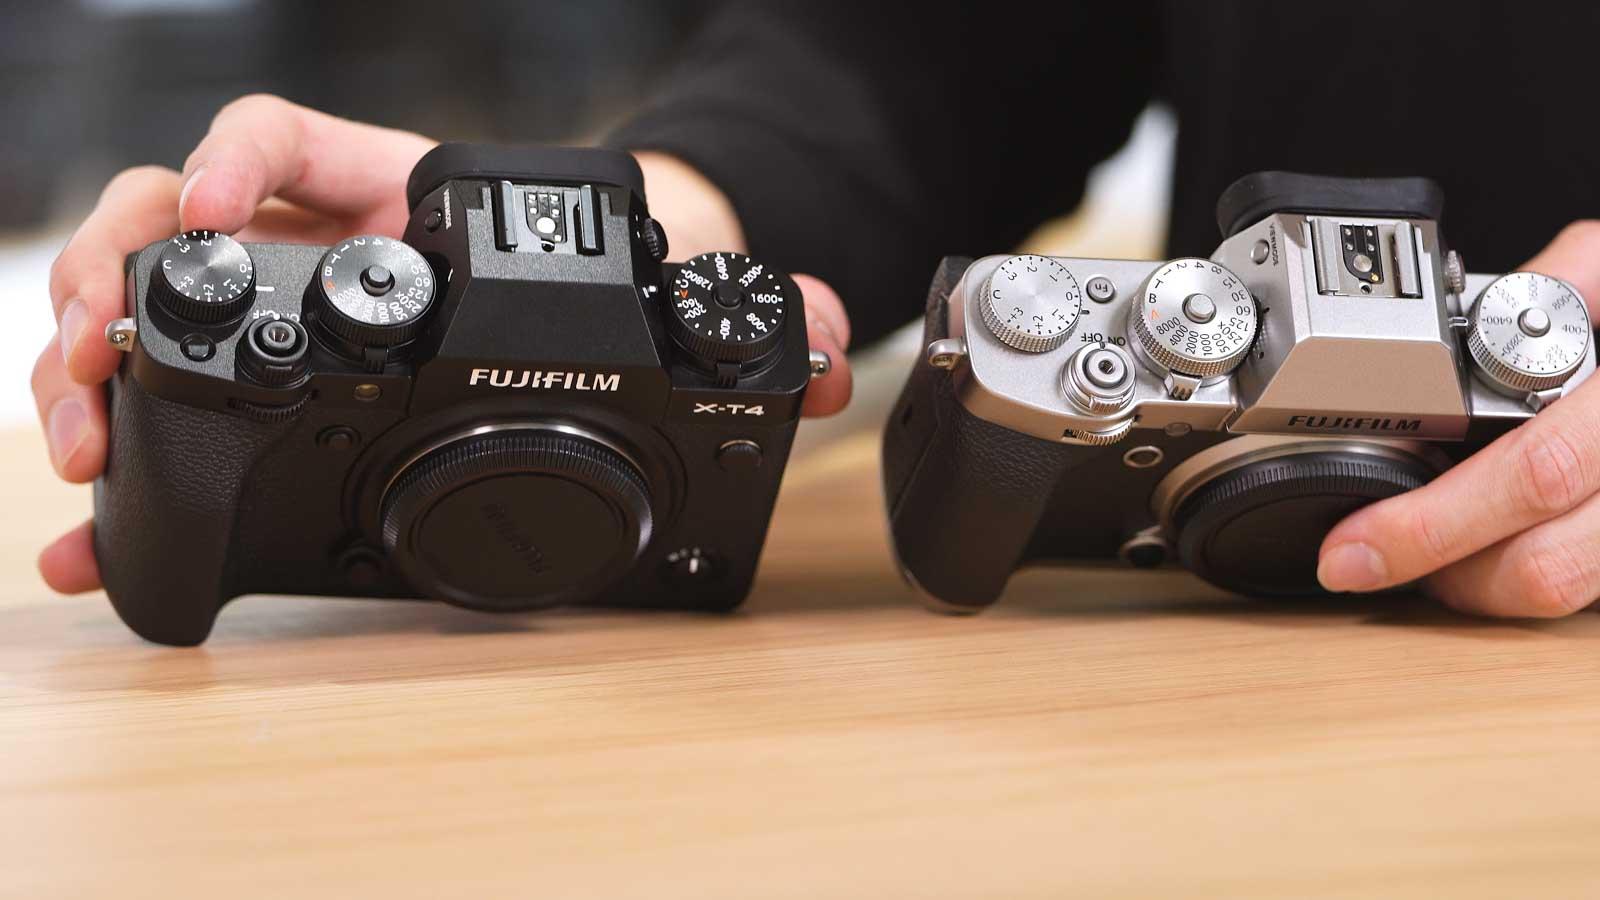 Fujifilm X-T4 vs X-T3 Gehäuse von oben